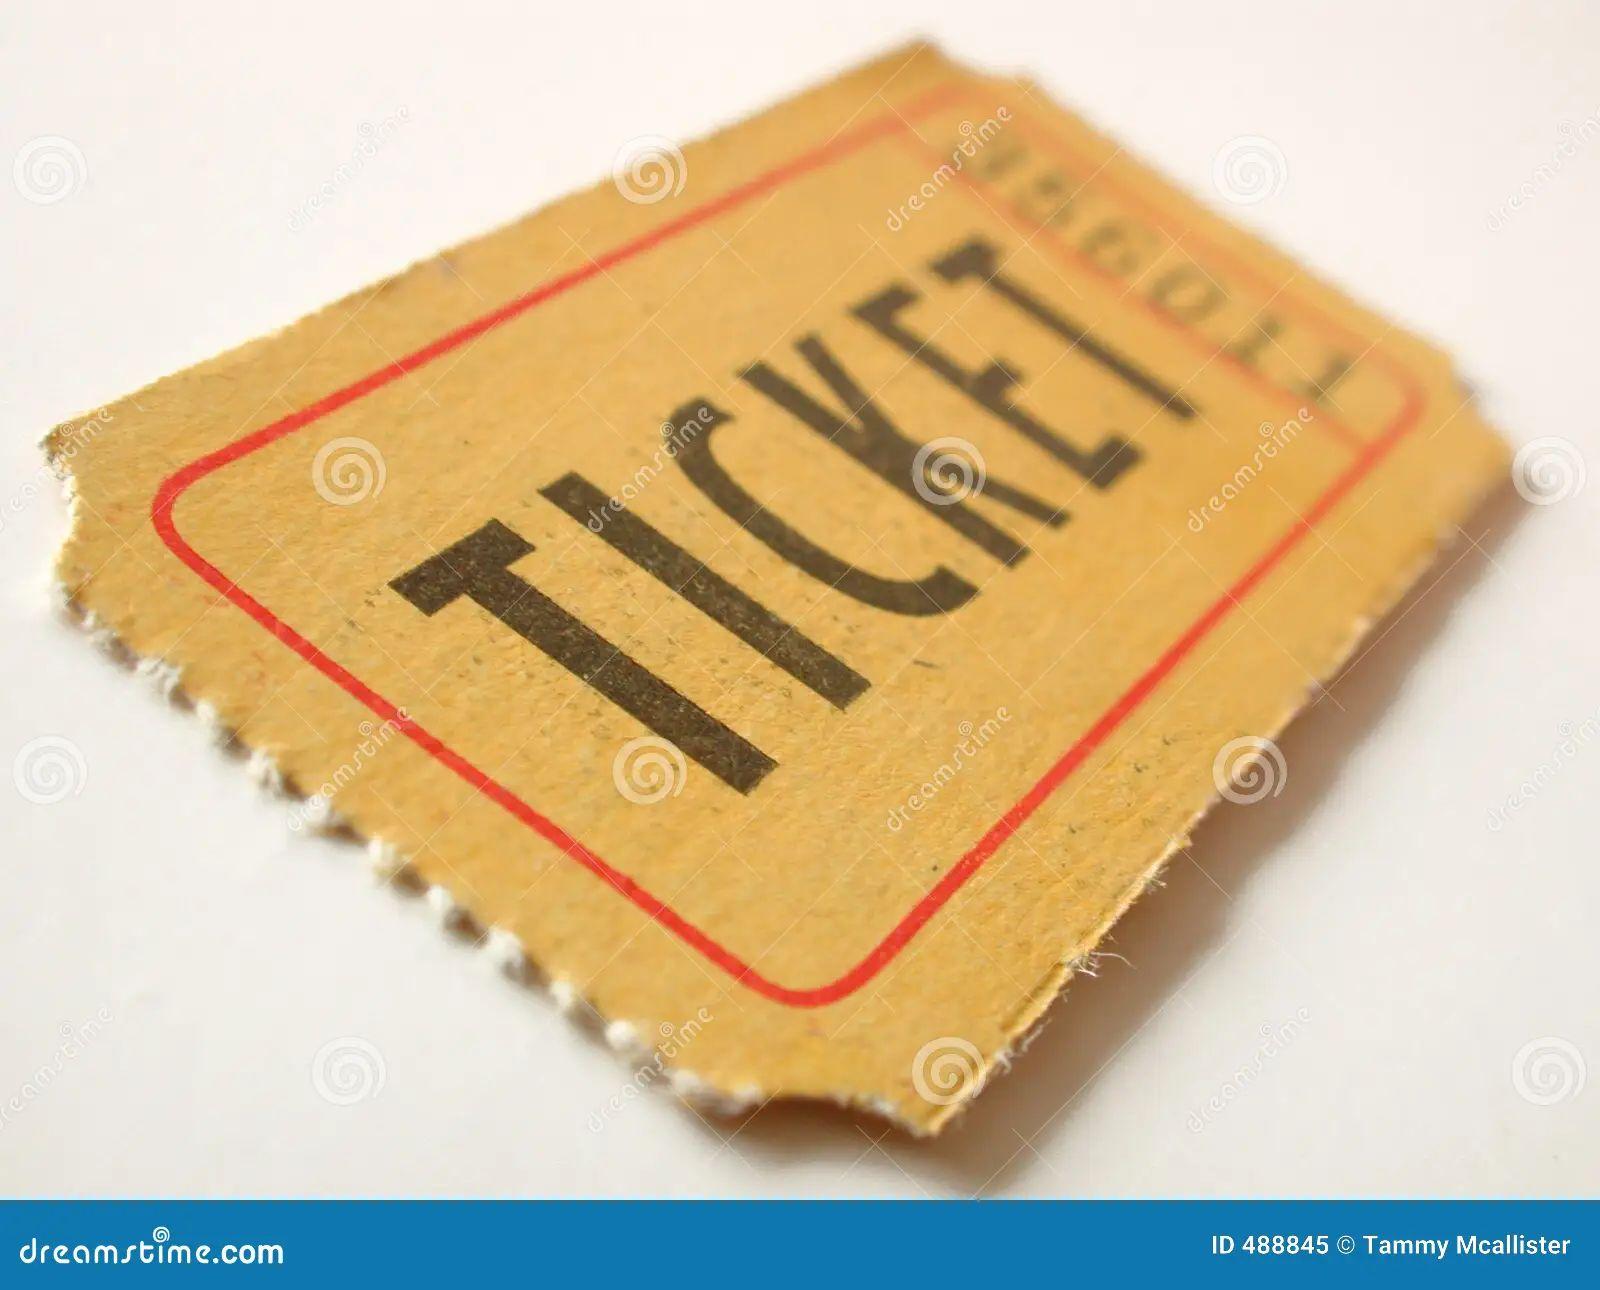 raffle ticket app